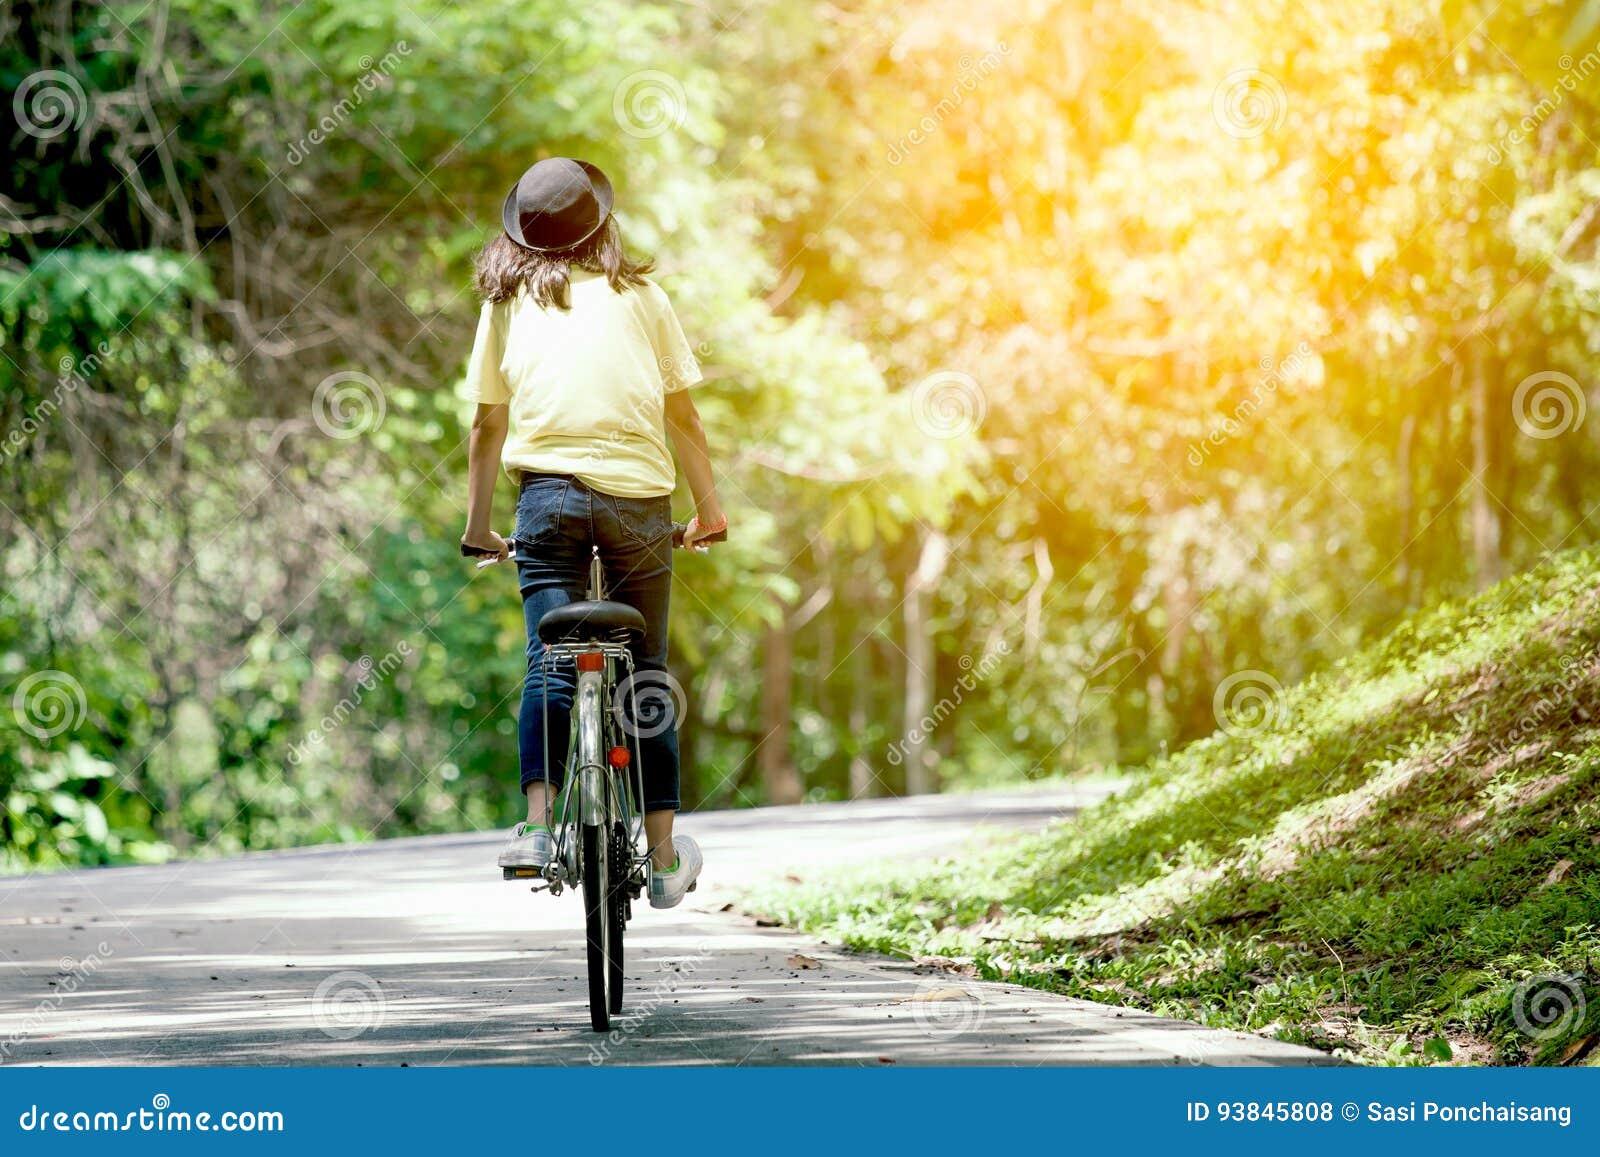 Задний взгляд велосипеда катания маленькой девочки в саде